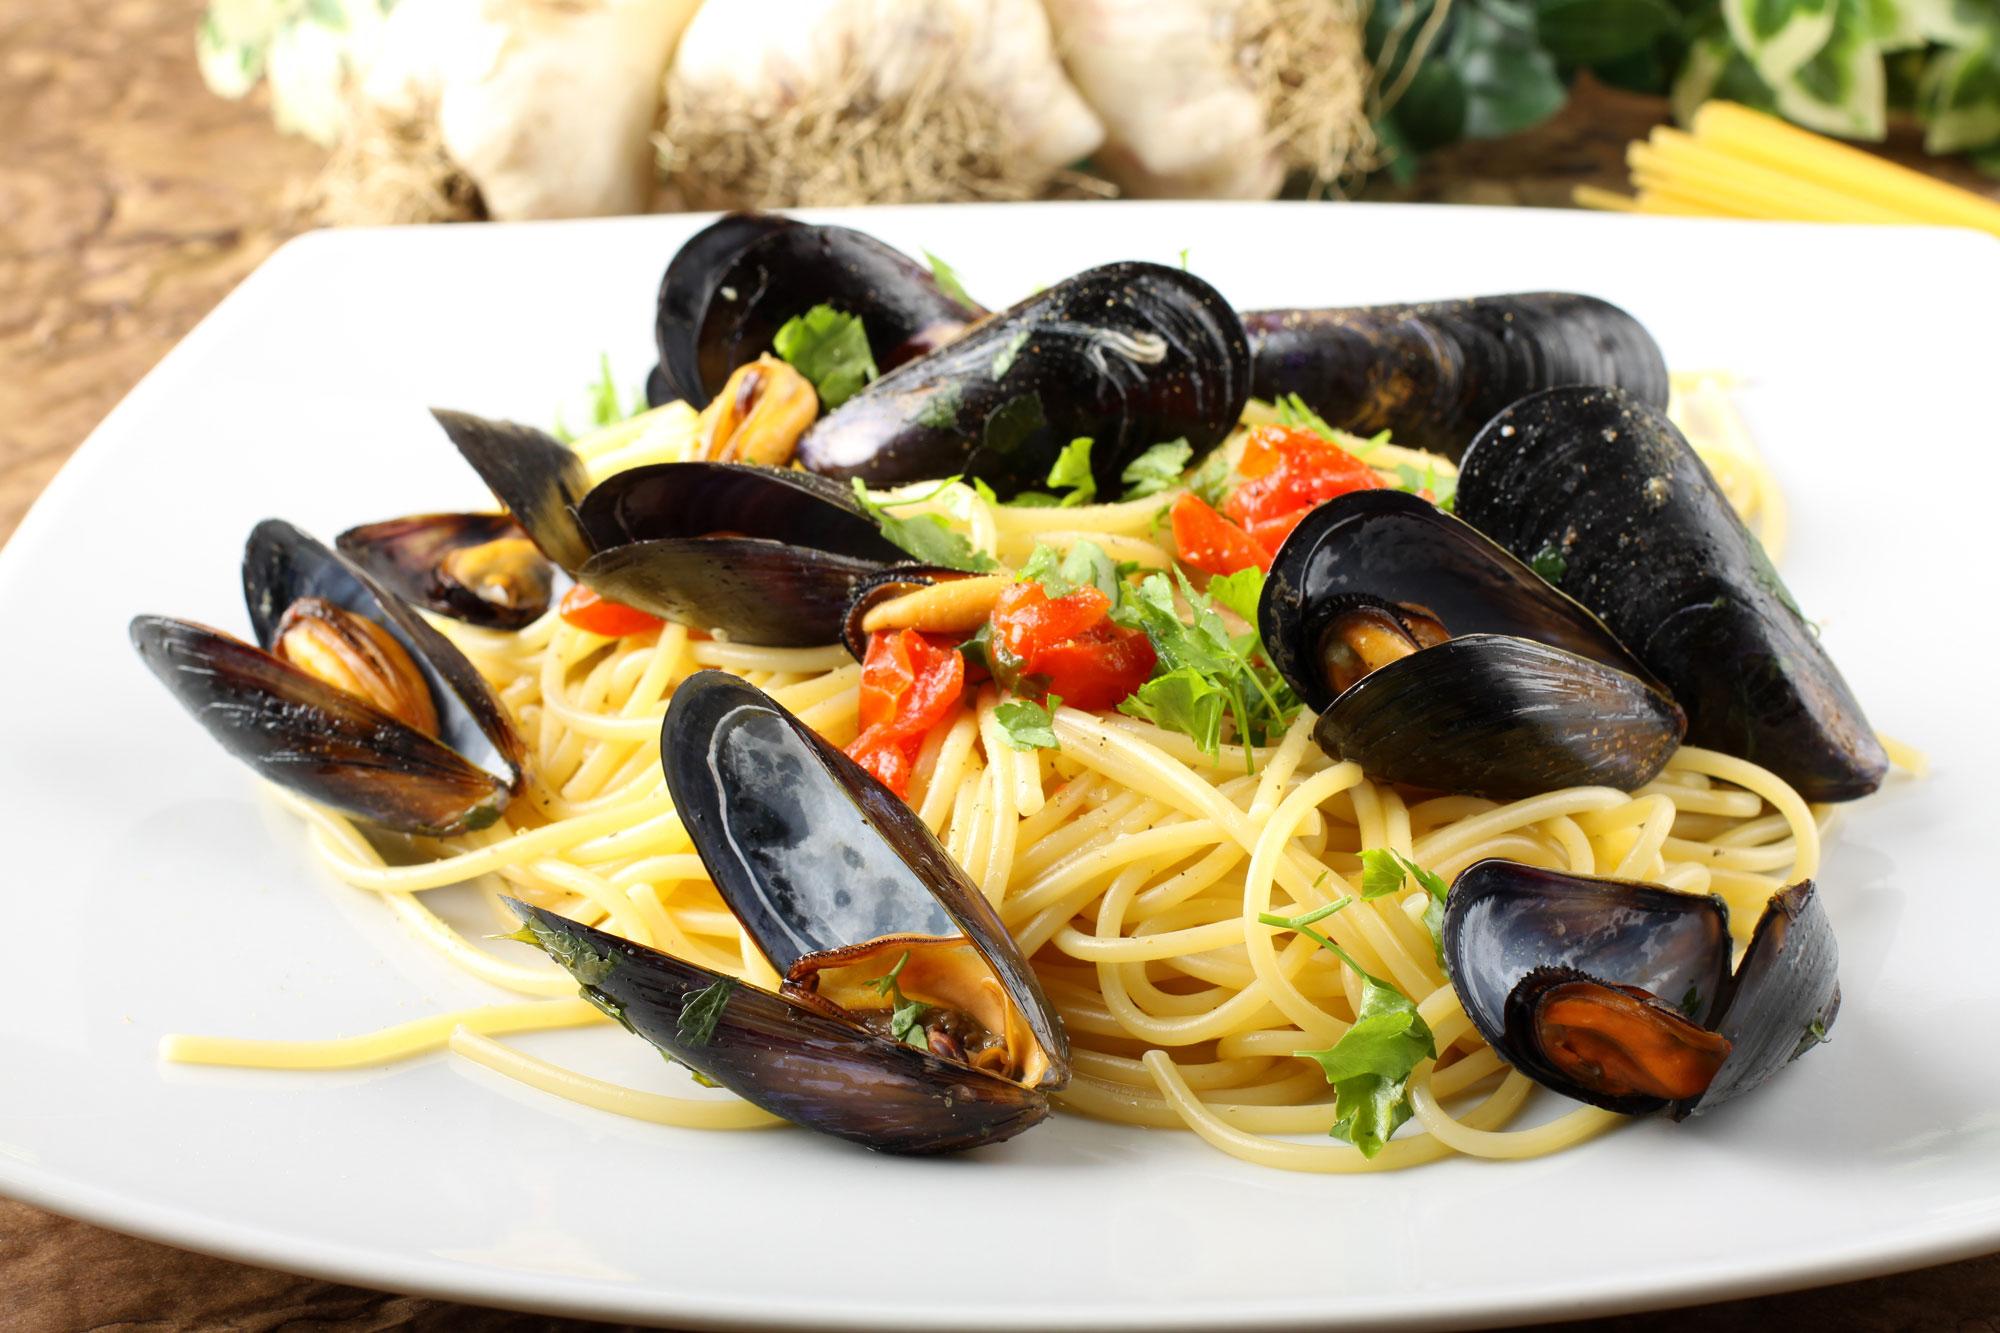 Juliette's Bistro - Drunken Mussels Pasta